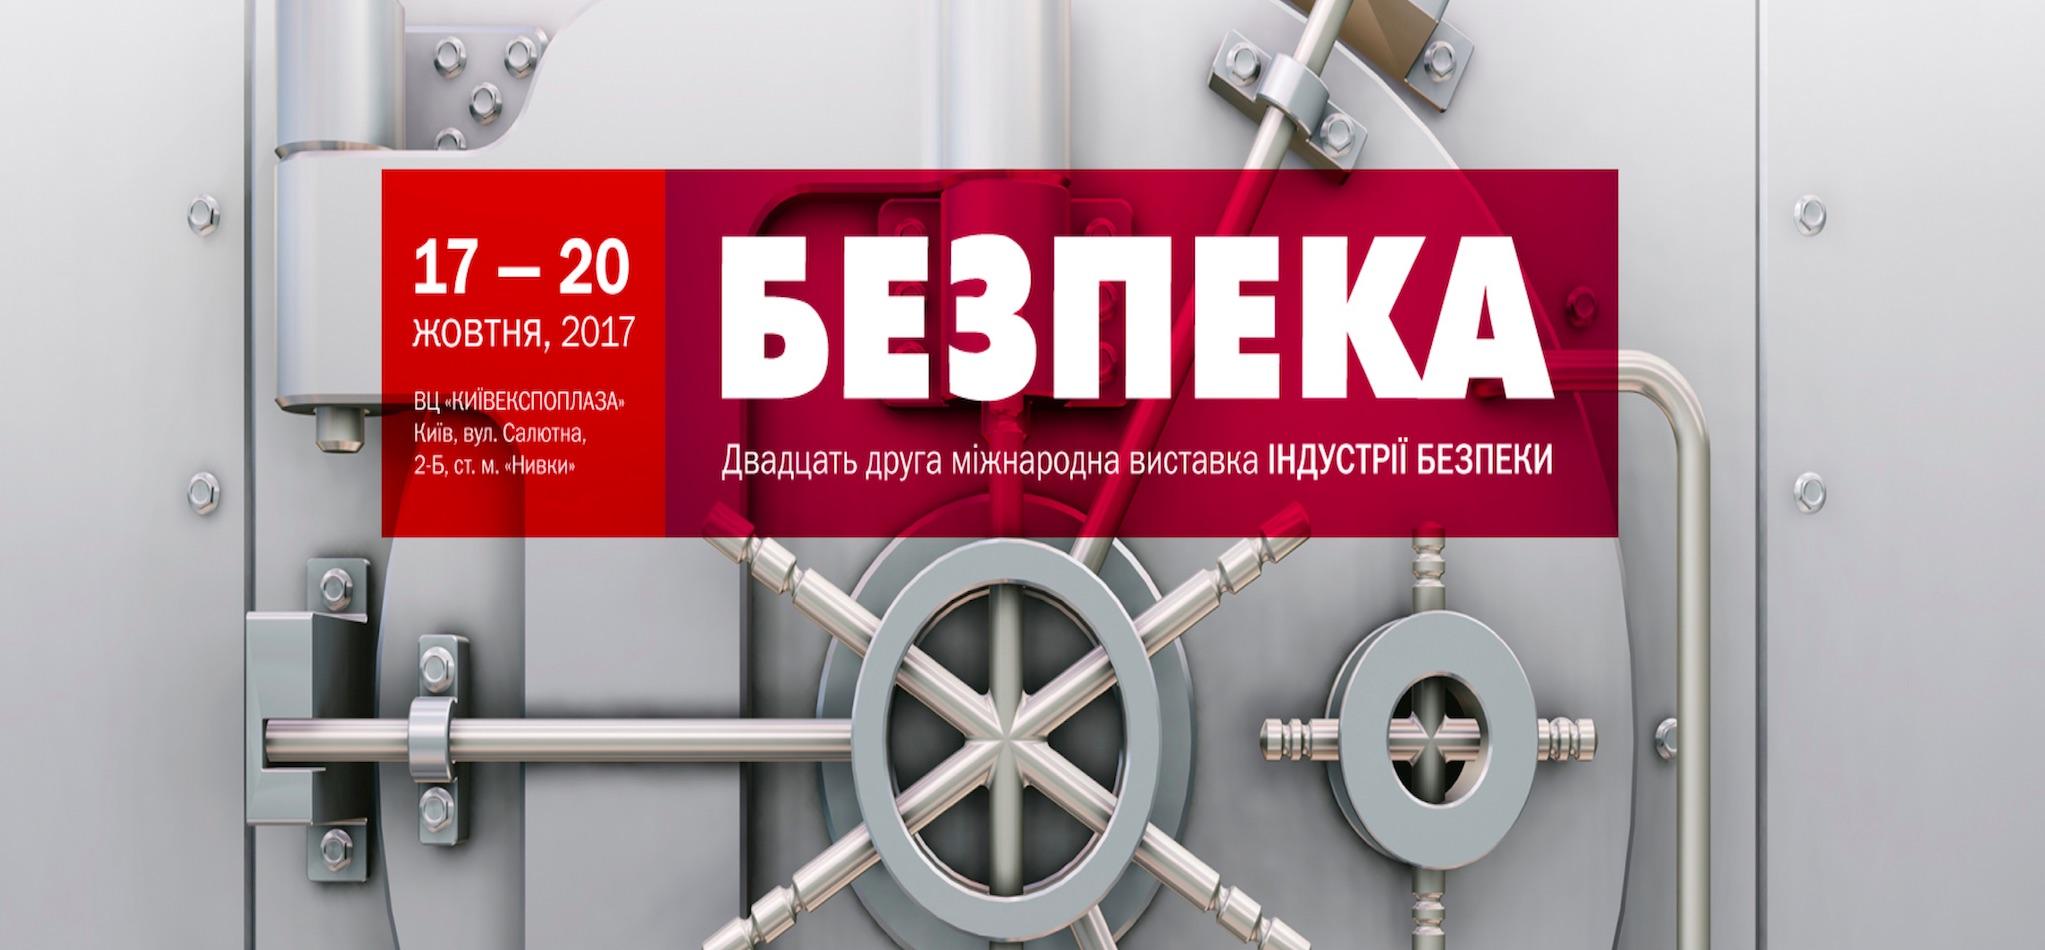 БЕЗПЕКА Security Industry 2017